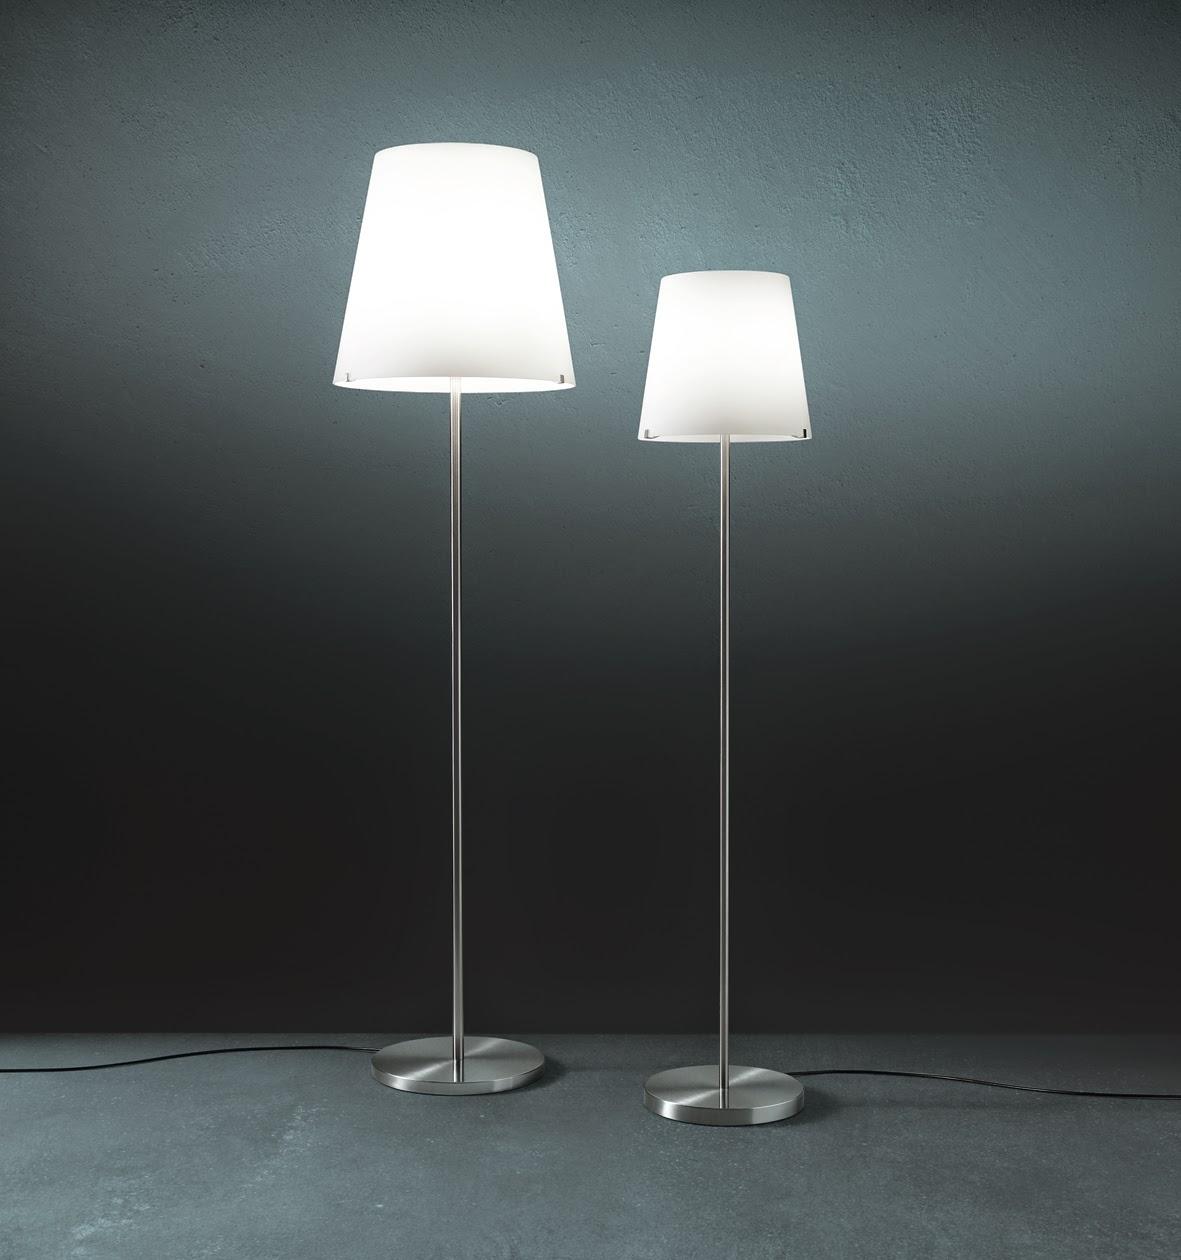 Tischleuchten lampen und leuchten by shogazi m nchen for Stehlampen designerlampen